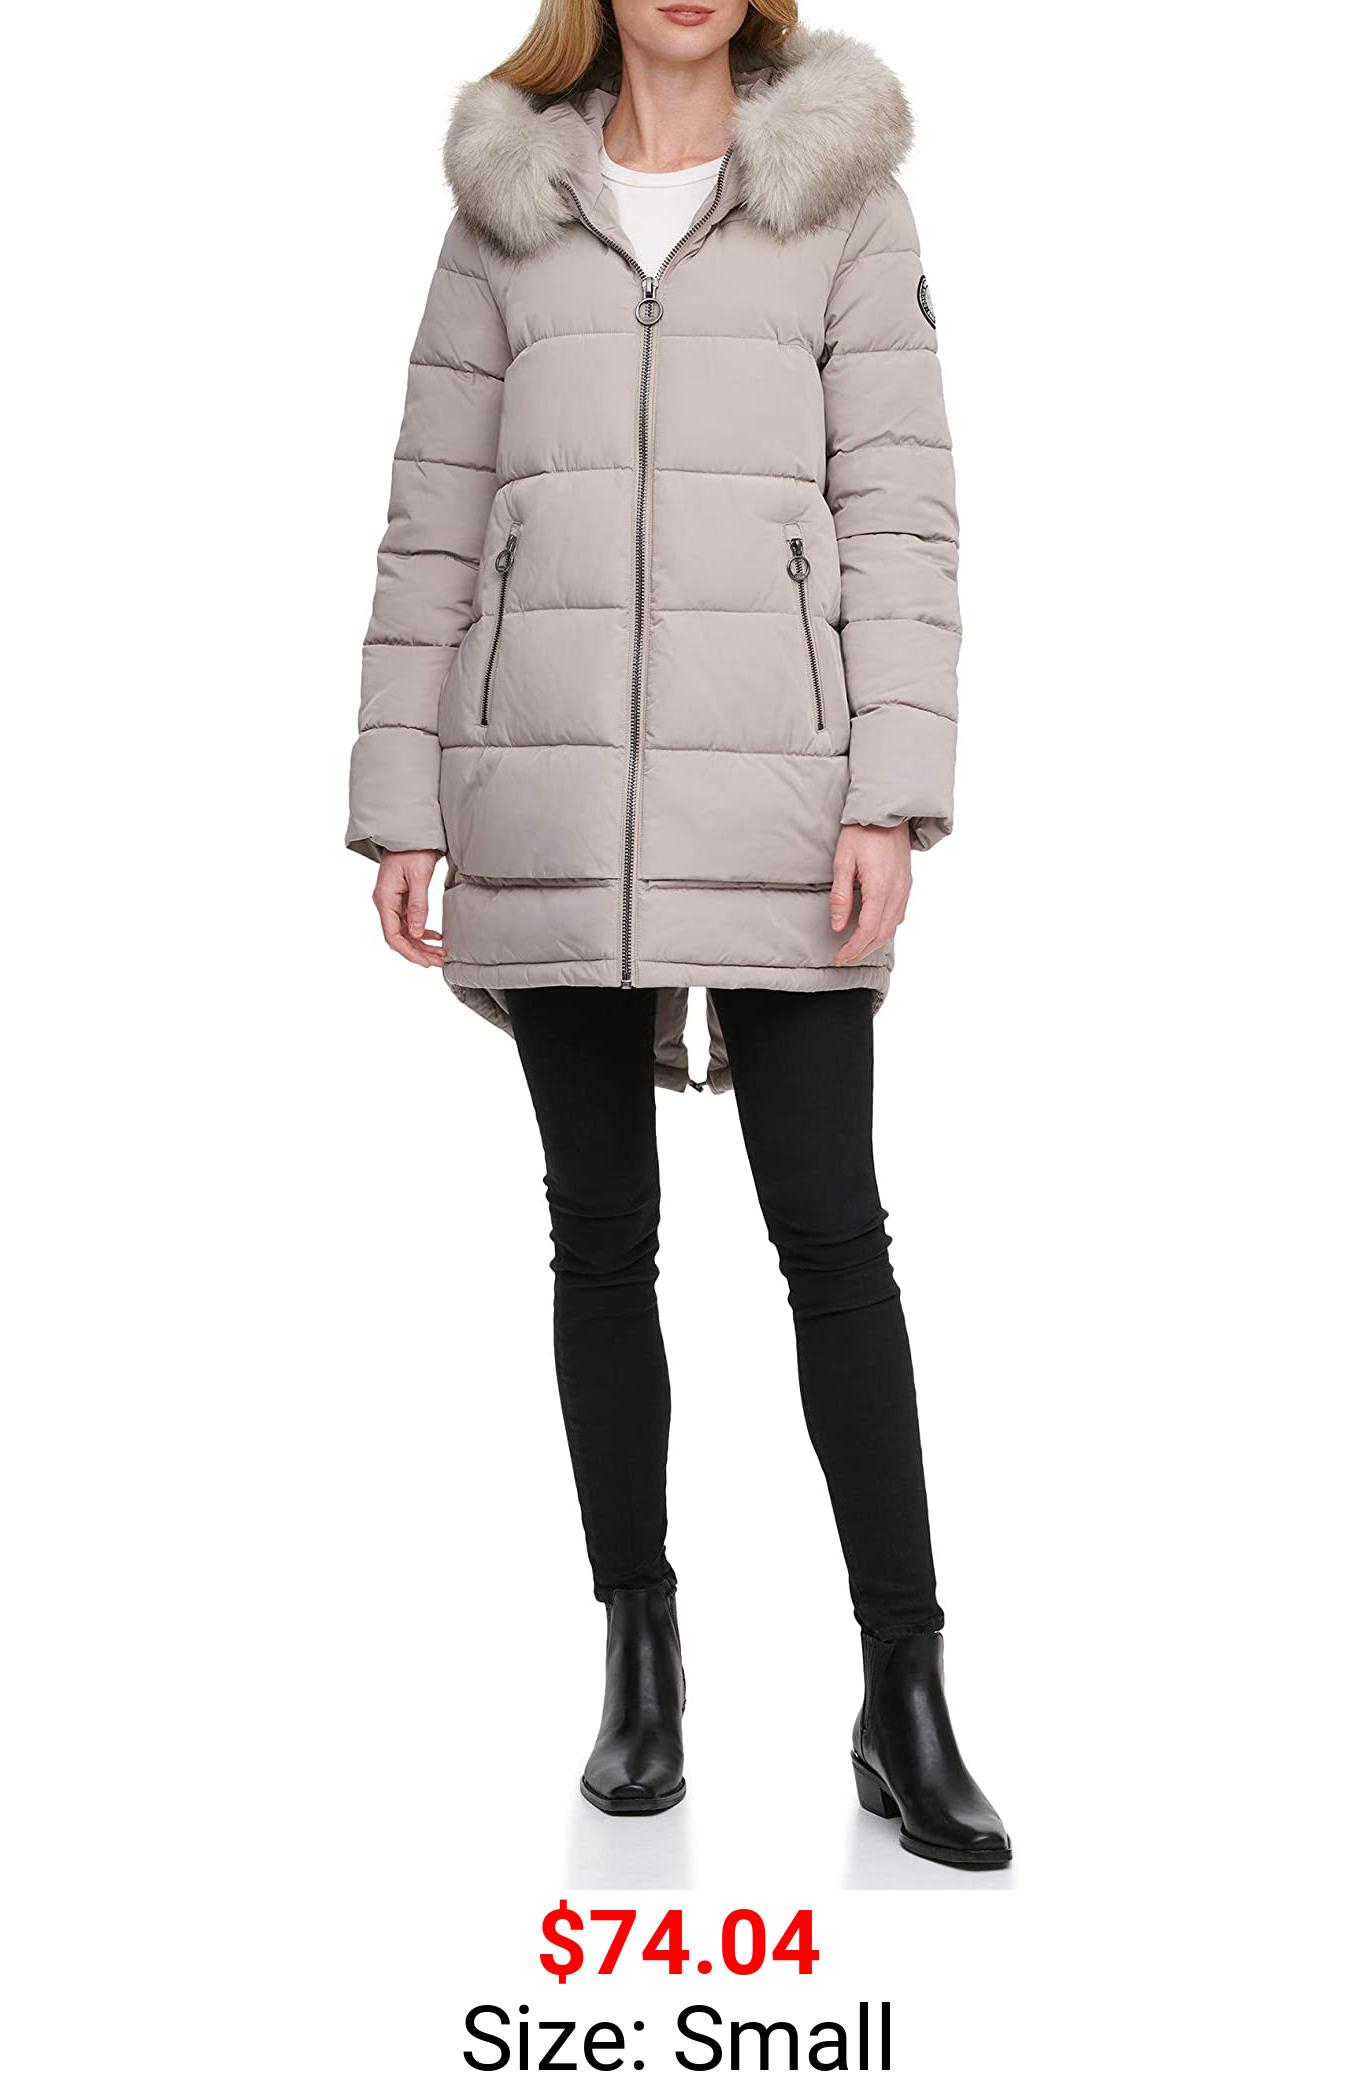 DKNY Women's Fur Trim Walker Puffer